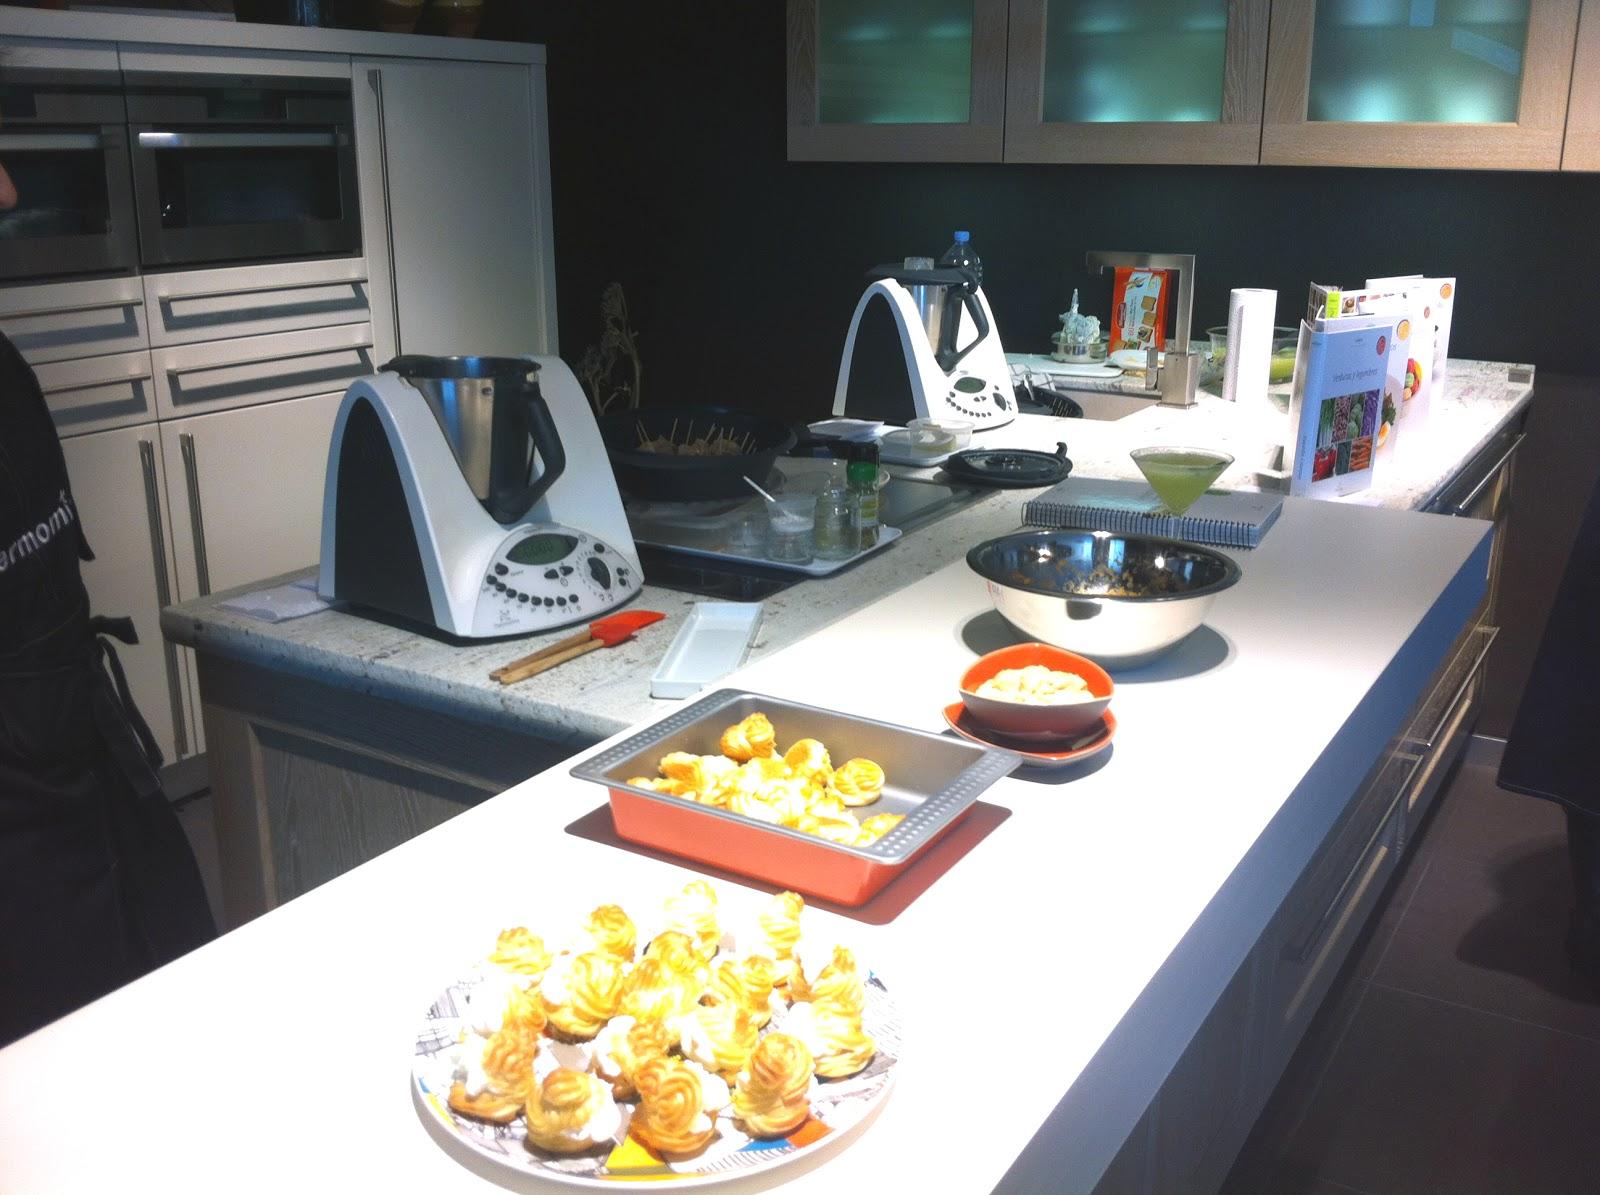 Chef cocinas gandia valencia una clase de cocina excepcional - Cocinas valencia ...